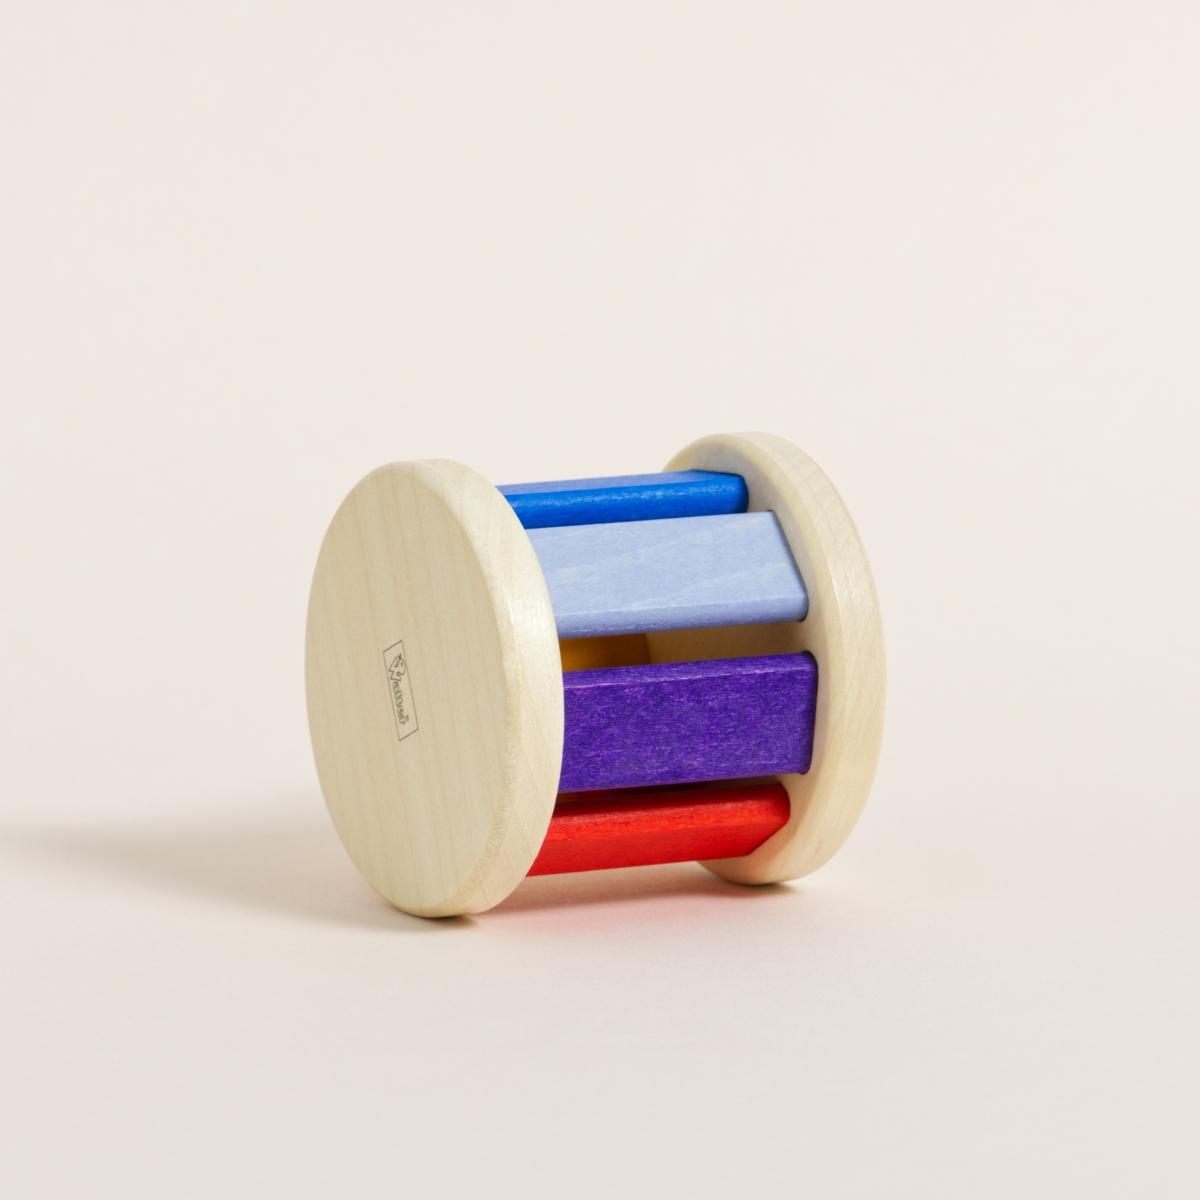 Klangrolle aus Ahornholz mit bunt gefärbten Stäben in verschiedenen Farben von Rot bis Gelb zu Blau und Lila, liegend